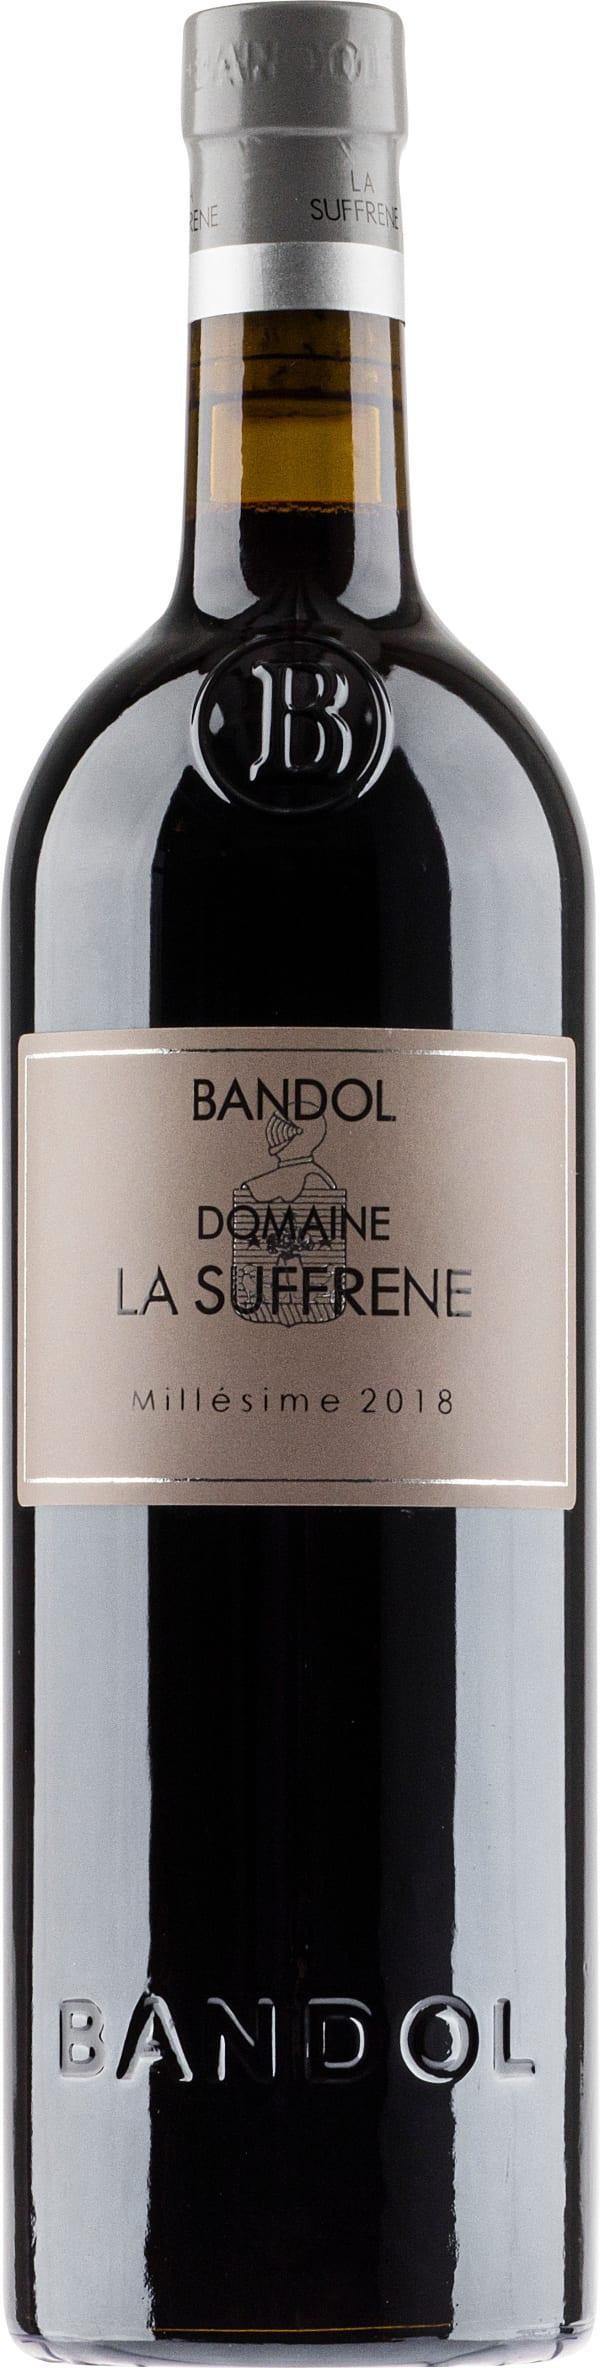 Domaine La Suffrene Bandol 2018